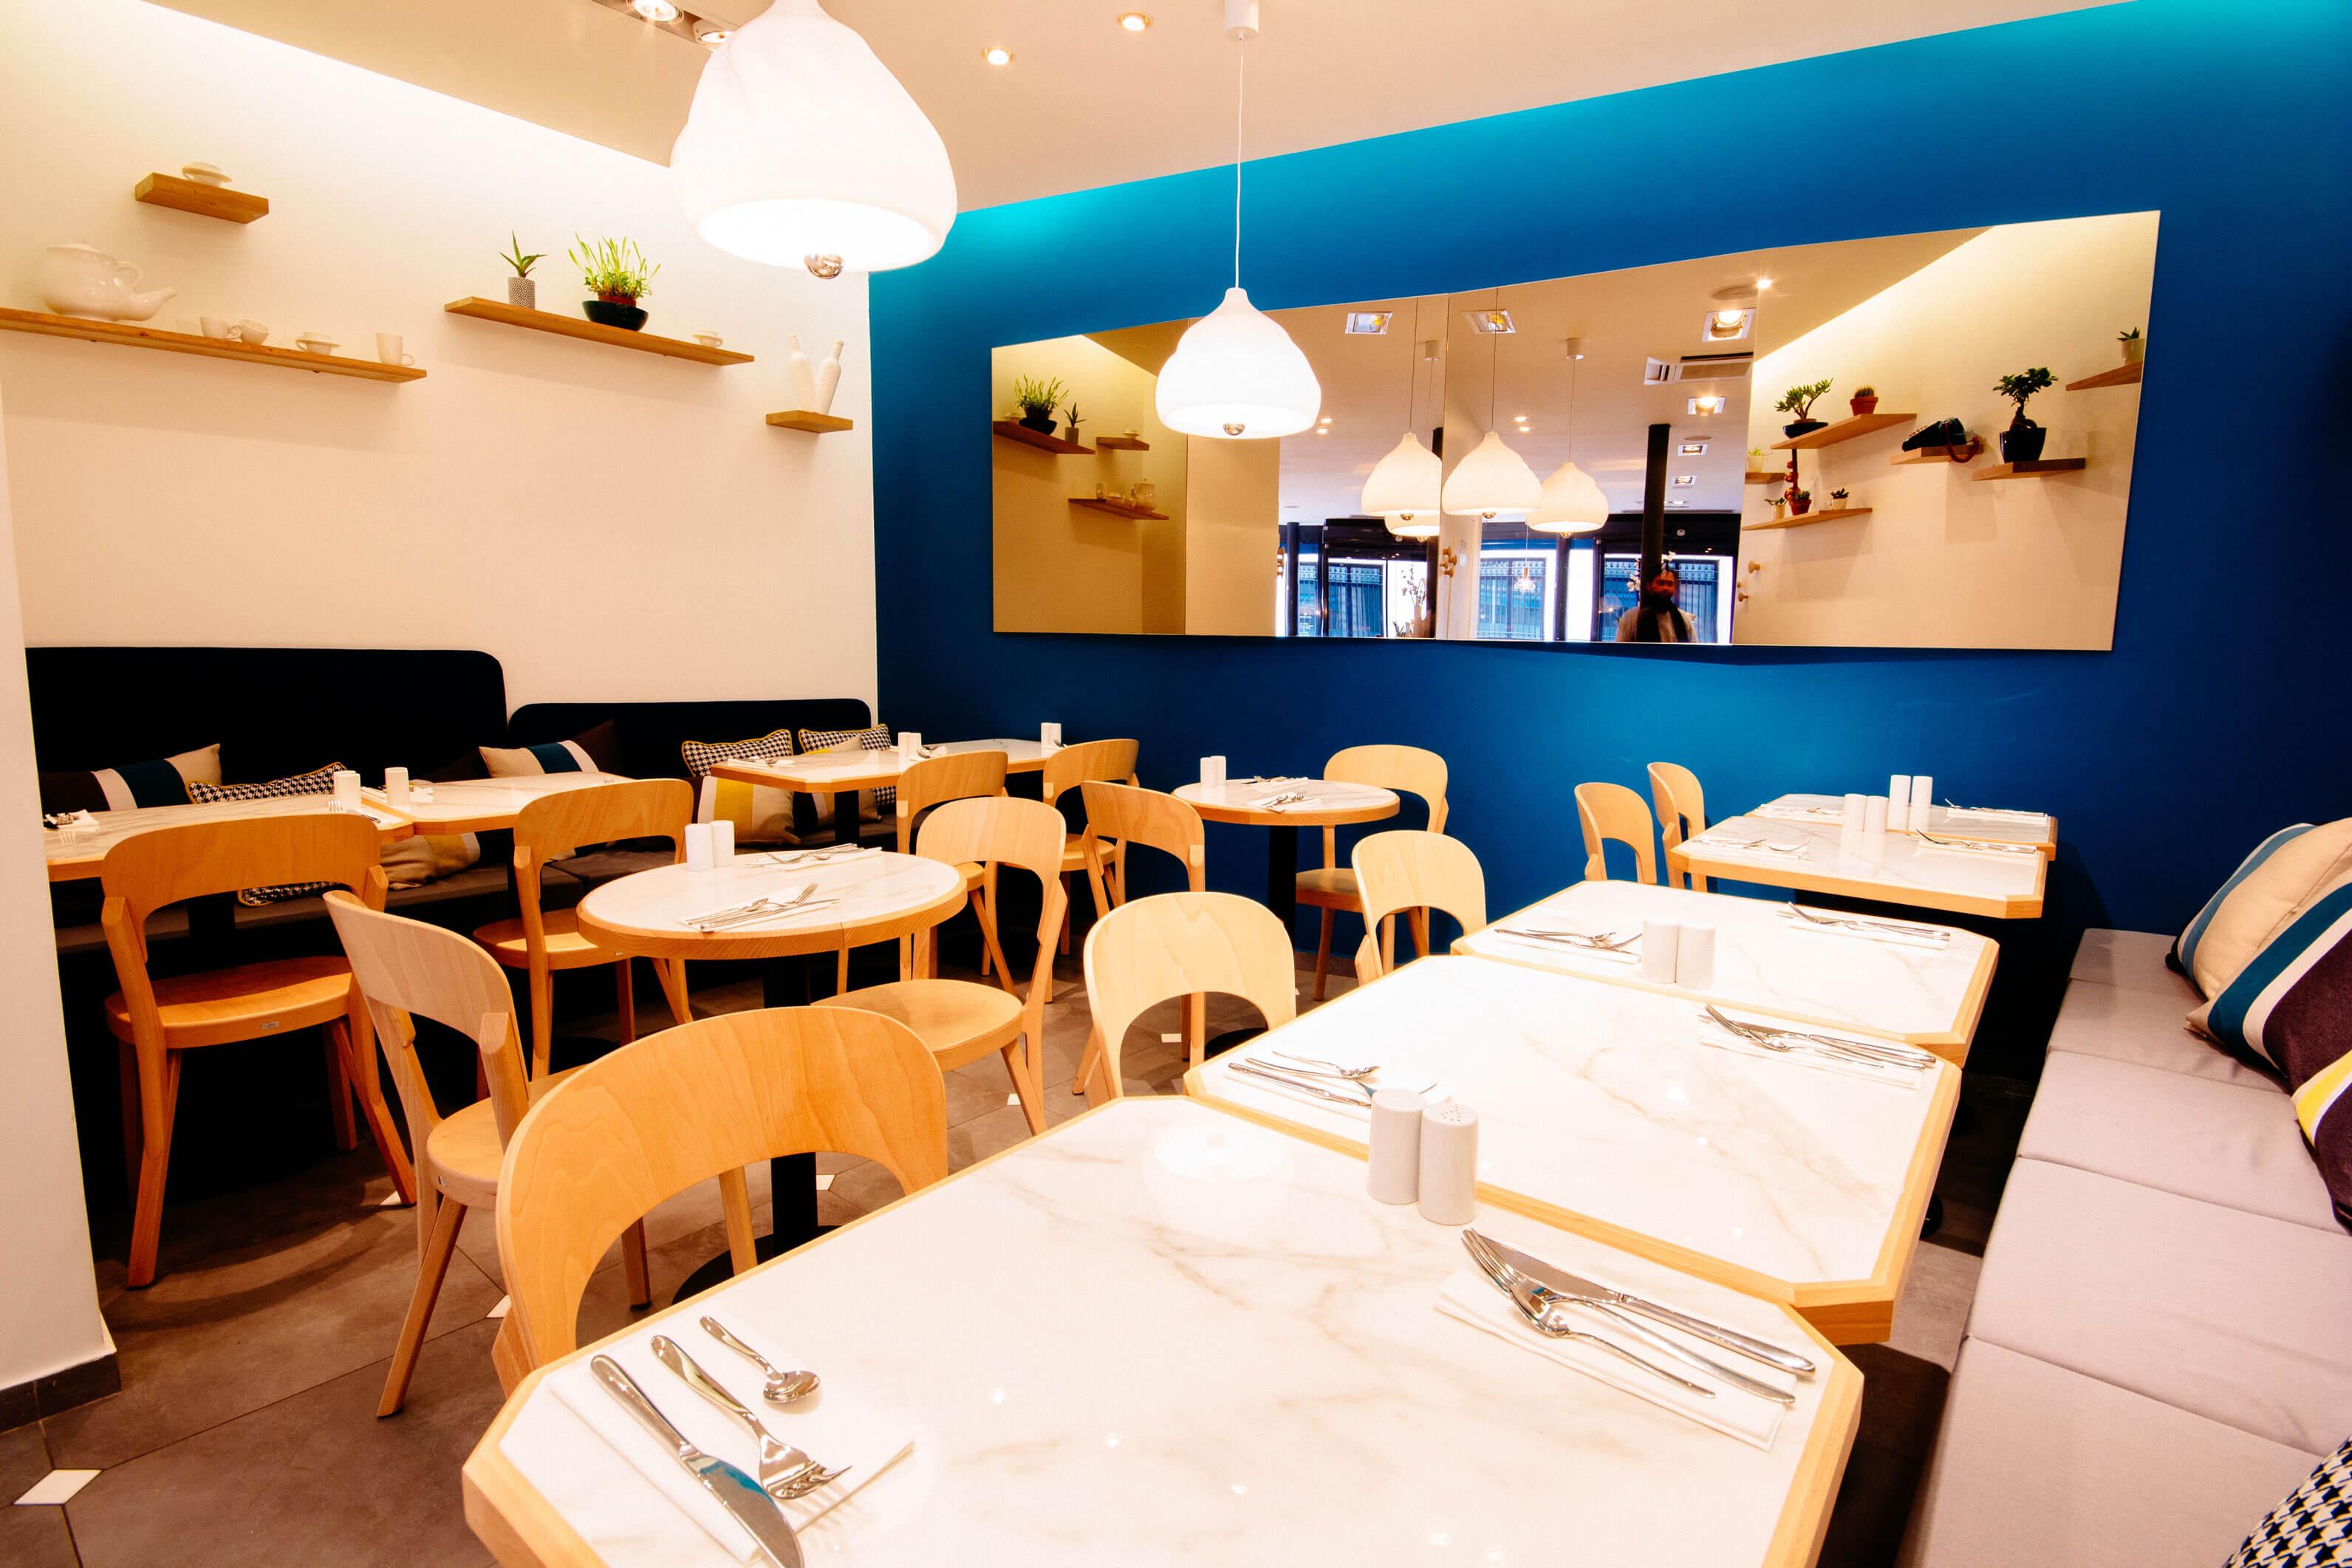 Am nagement mobilier pour restaurant simone lemon for Salon equip hotel 2017